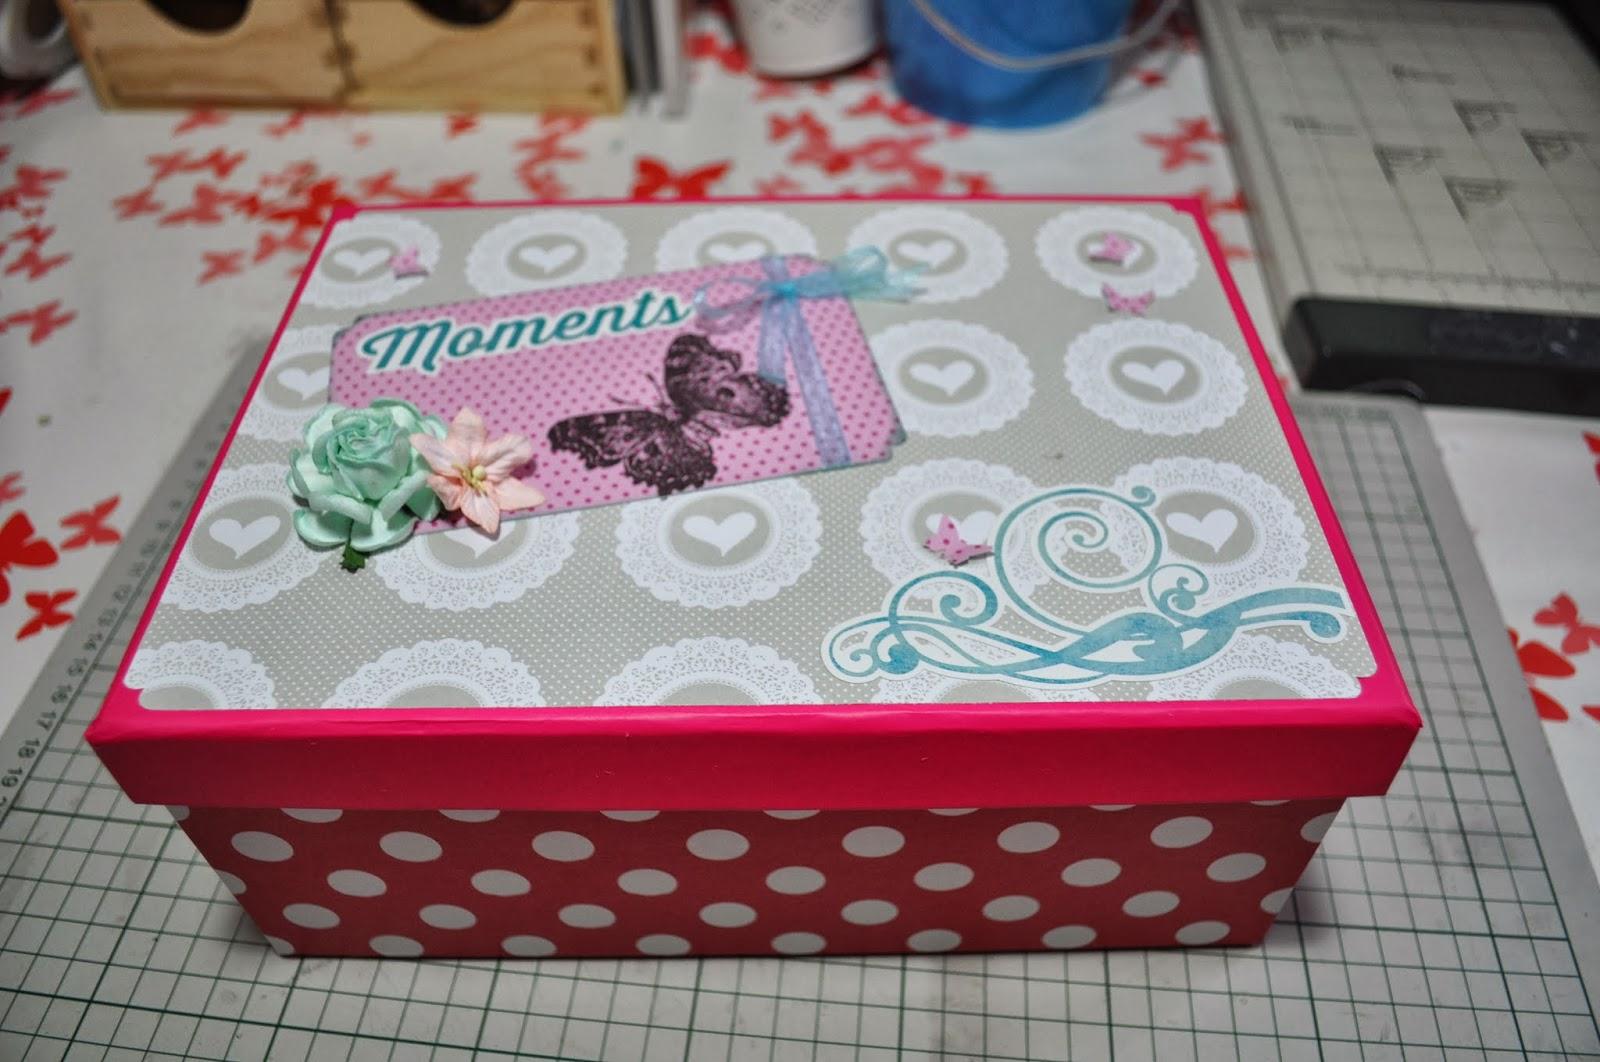 Scraps con amor un regalo para mi hermana mini lbum un for Regalos para hermanas